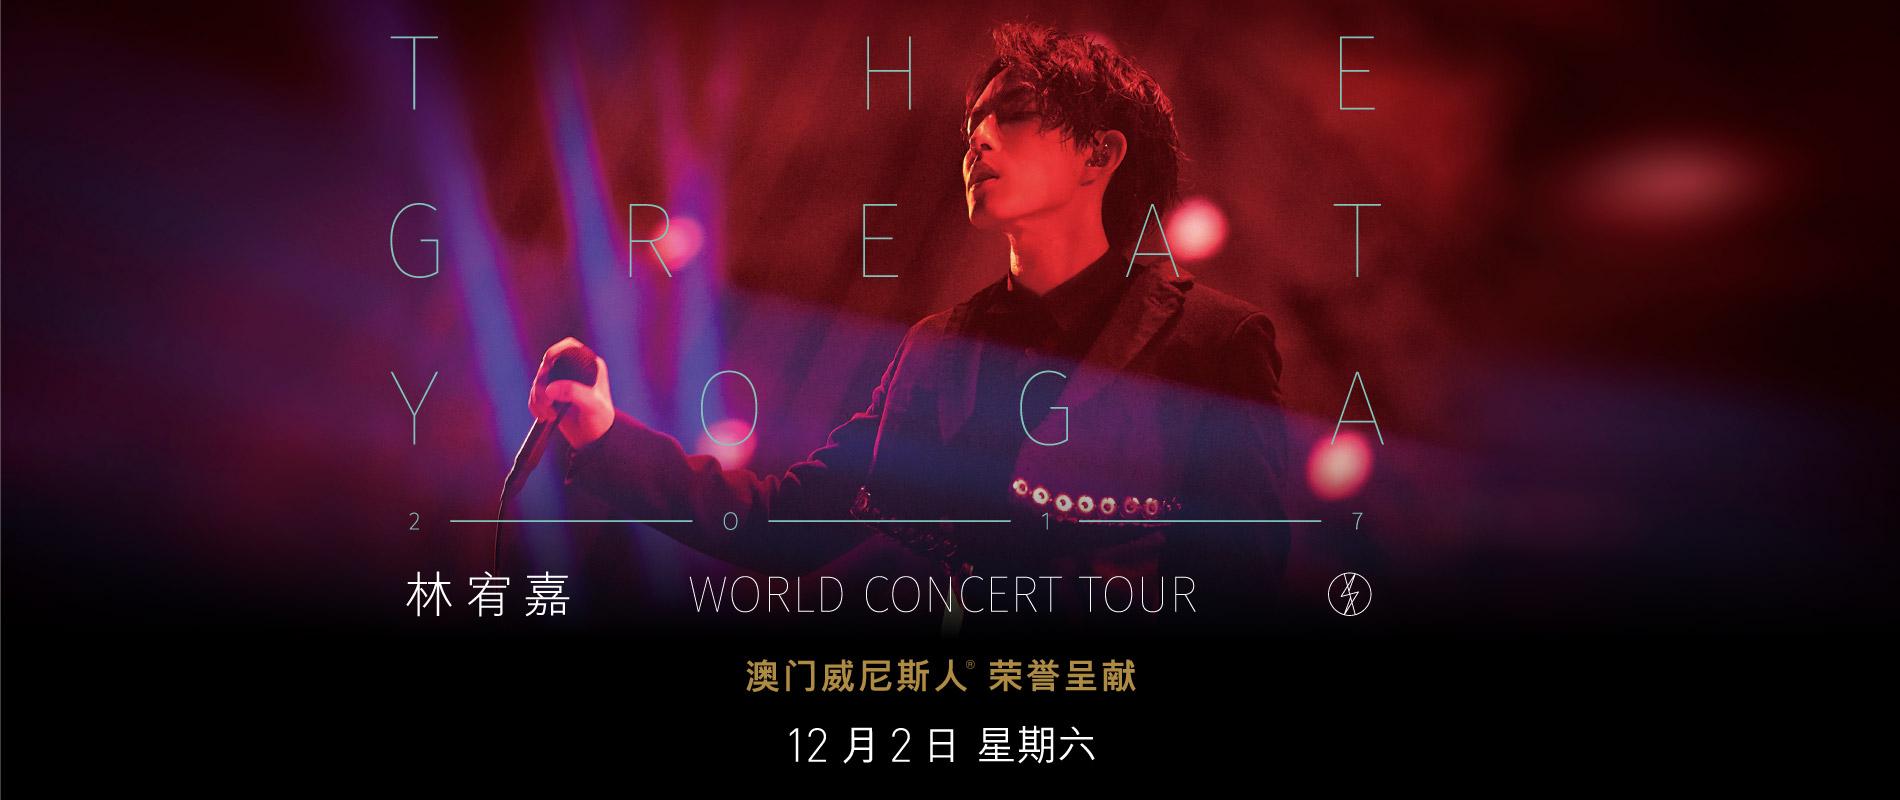 2017 林宥嘉 THE GREAT YOGA 世界巡回演唱会-澳门站